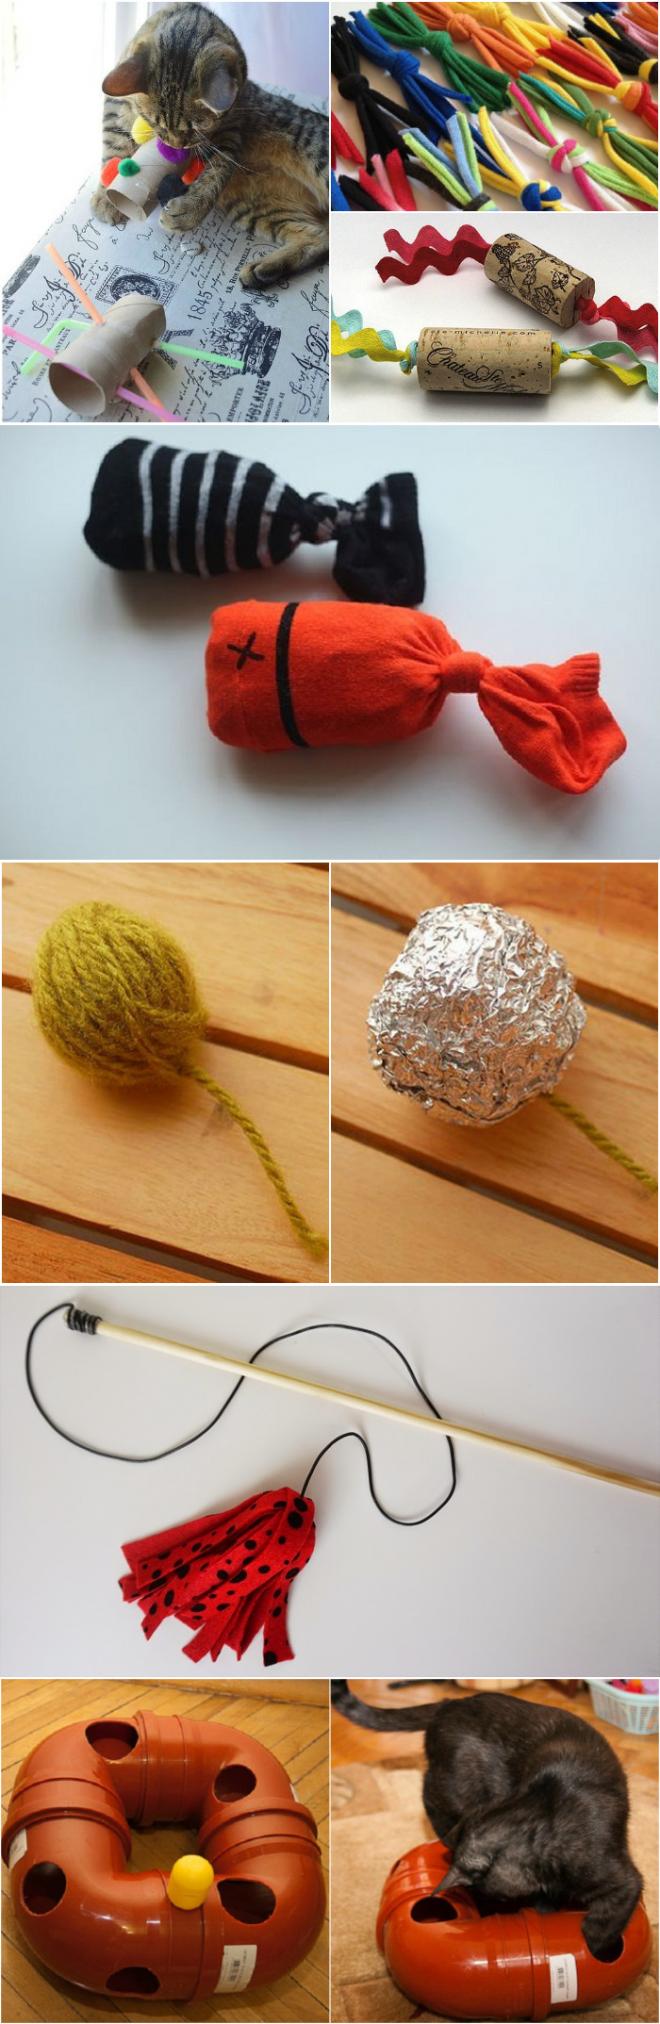 Как сделать игрушку для котёнка: 50 идей